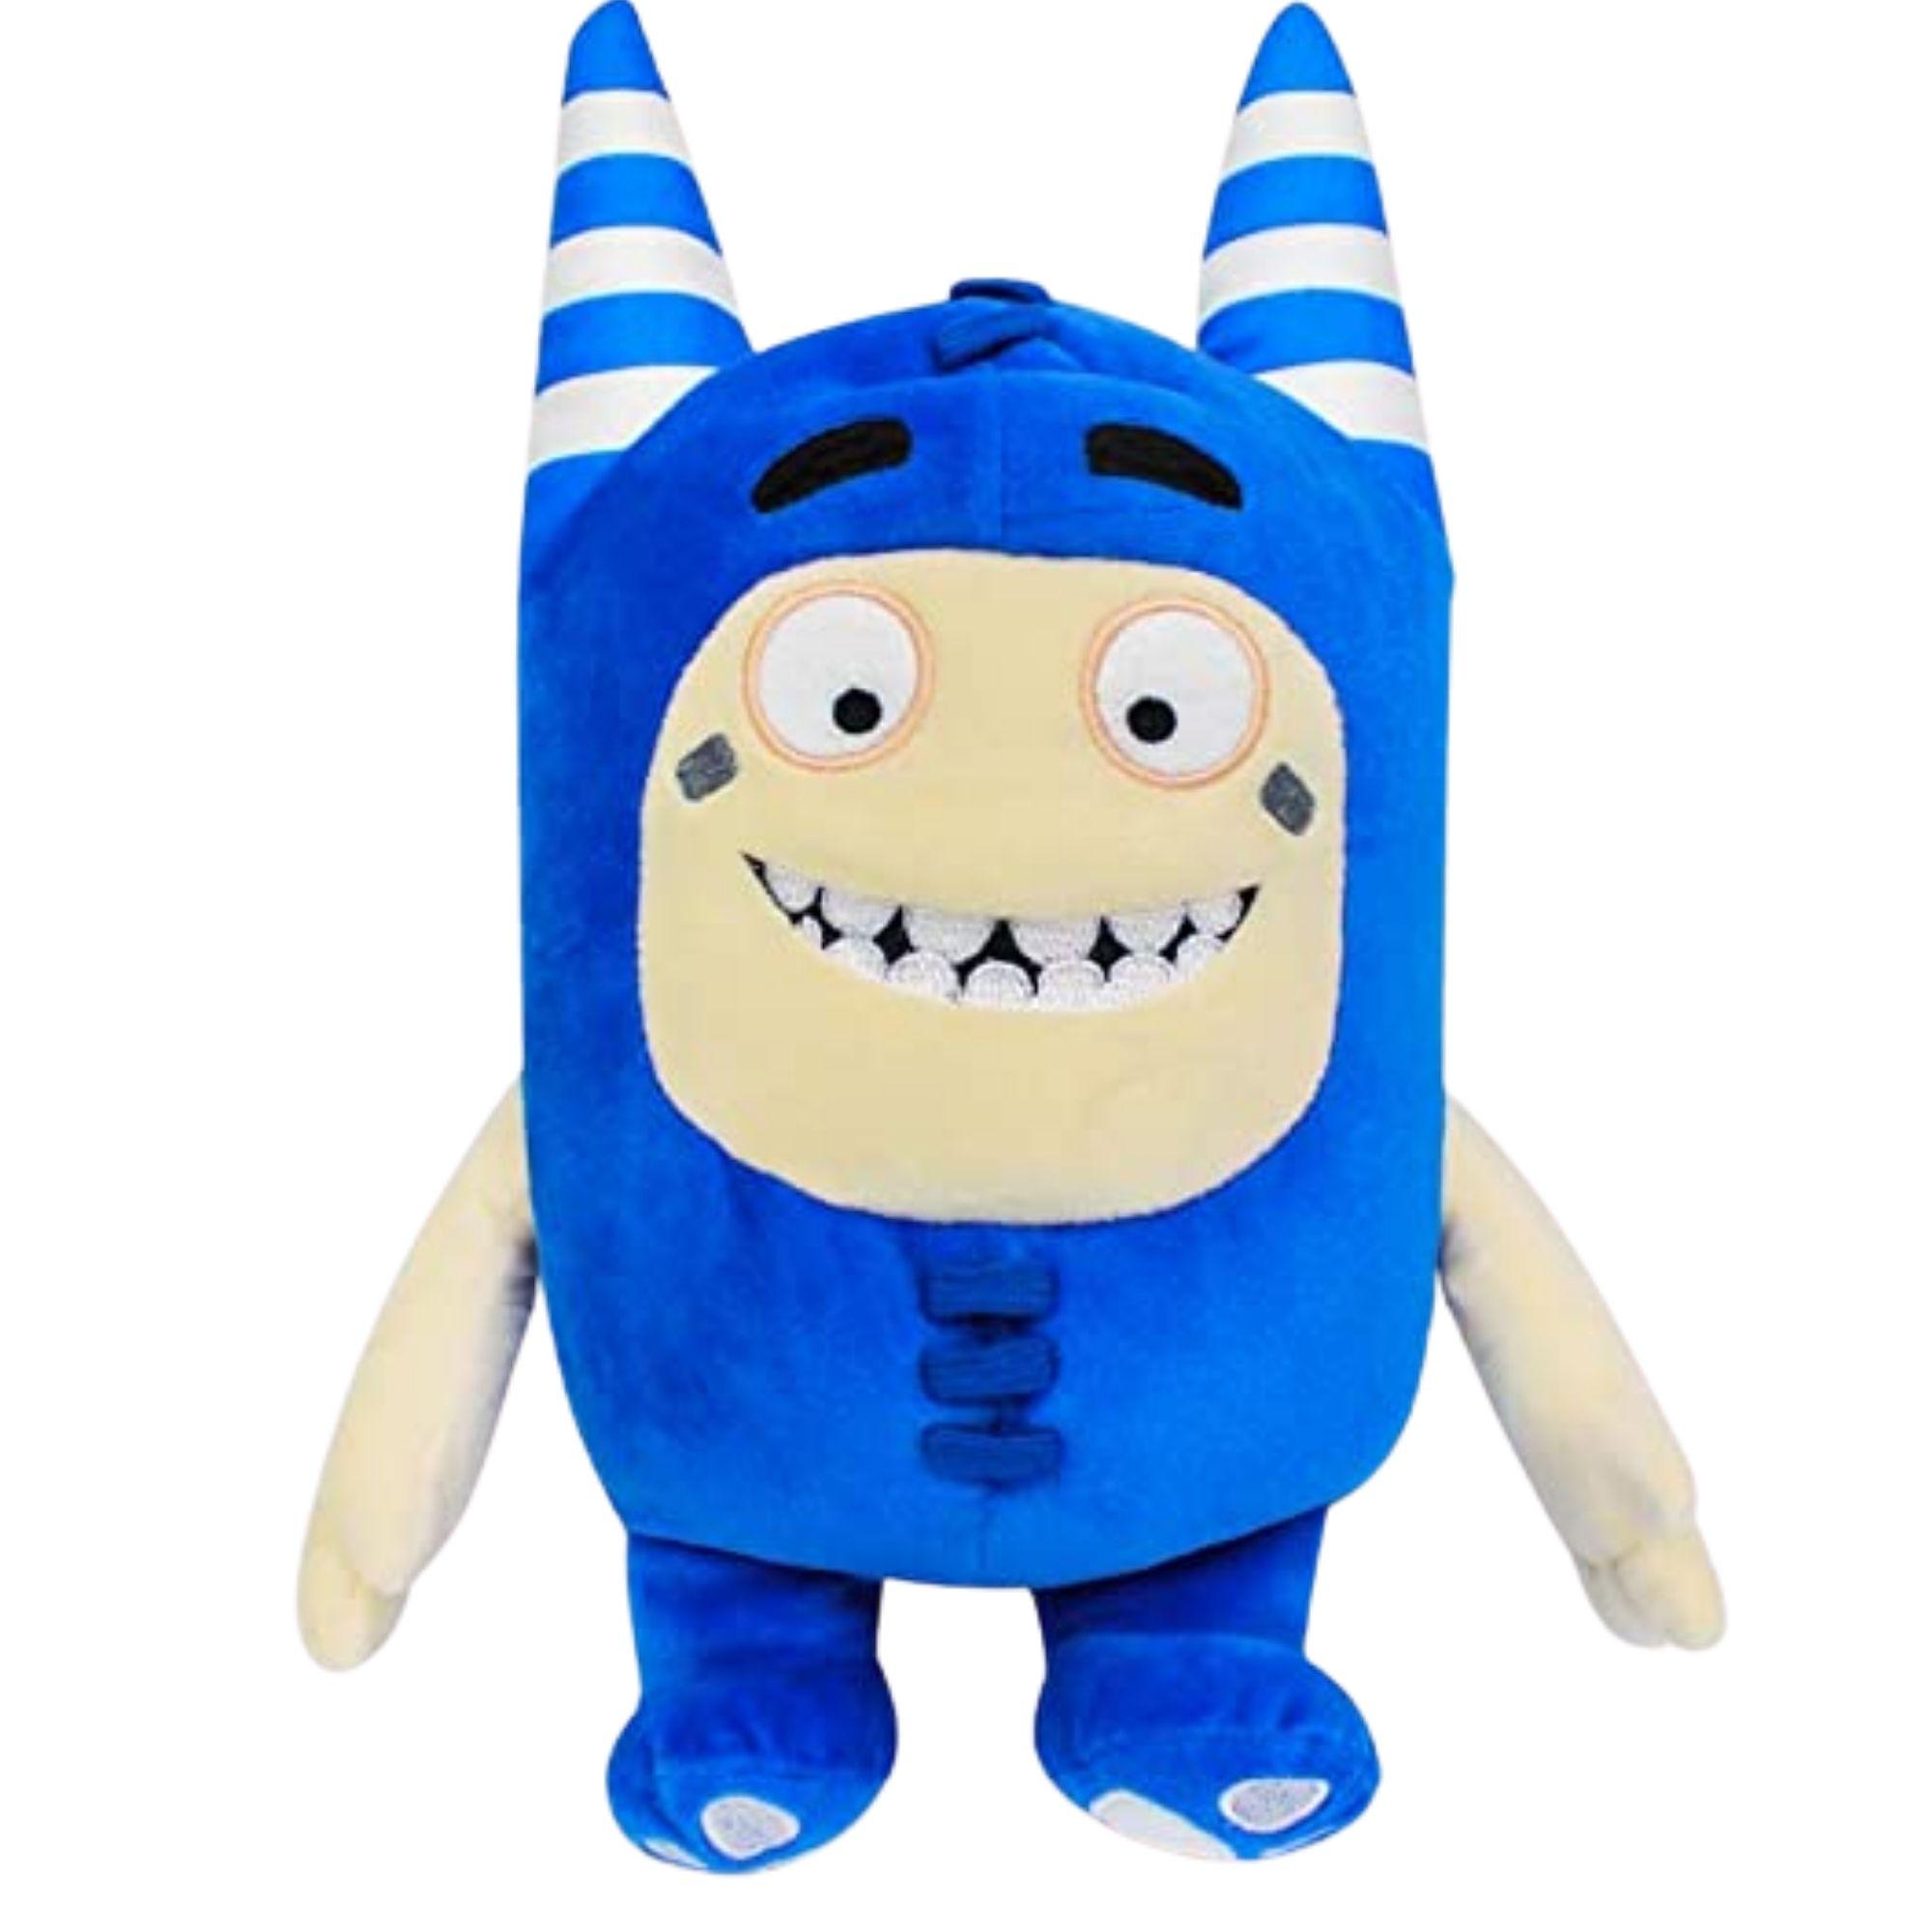 Kit com 2 Bonecos de Pelúcia Oddbods - 1 Amarelo e 1 Azul - Pogo e Bubbles  - Game Land Brinquedos